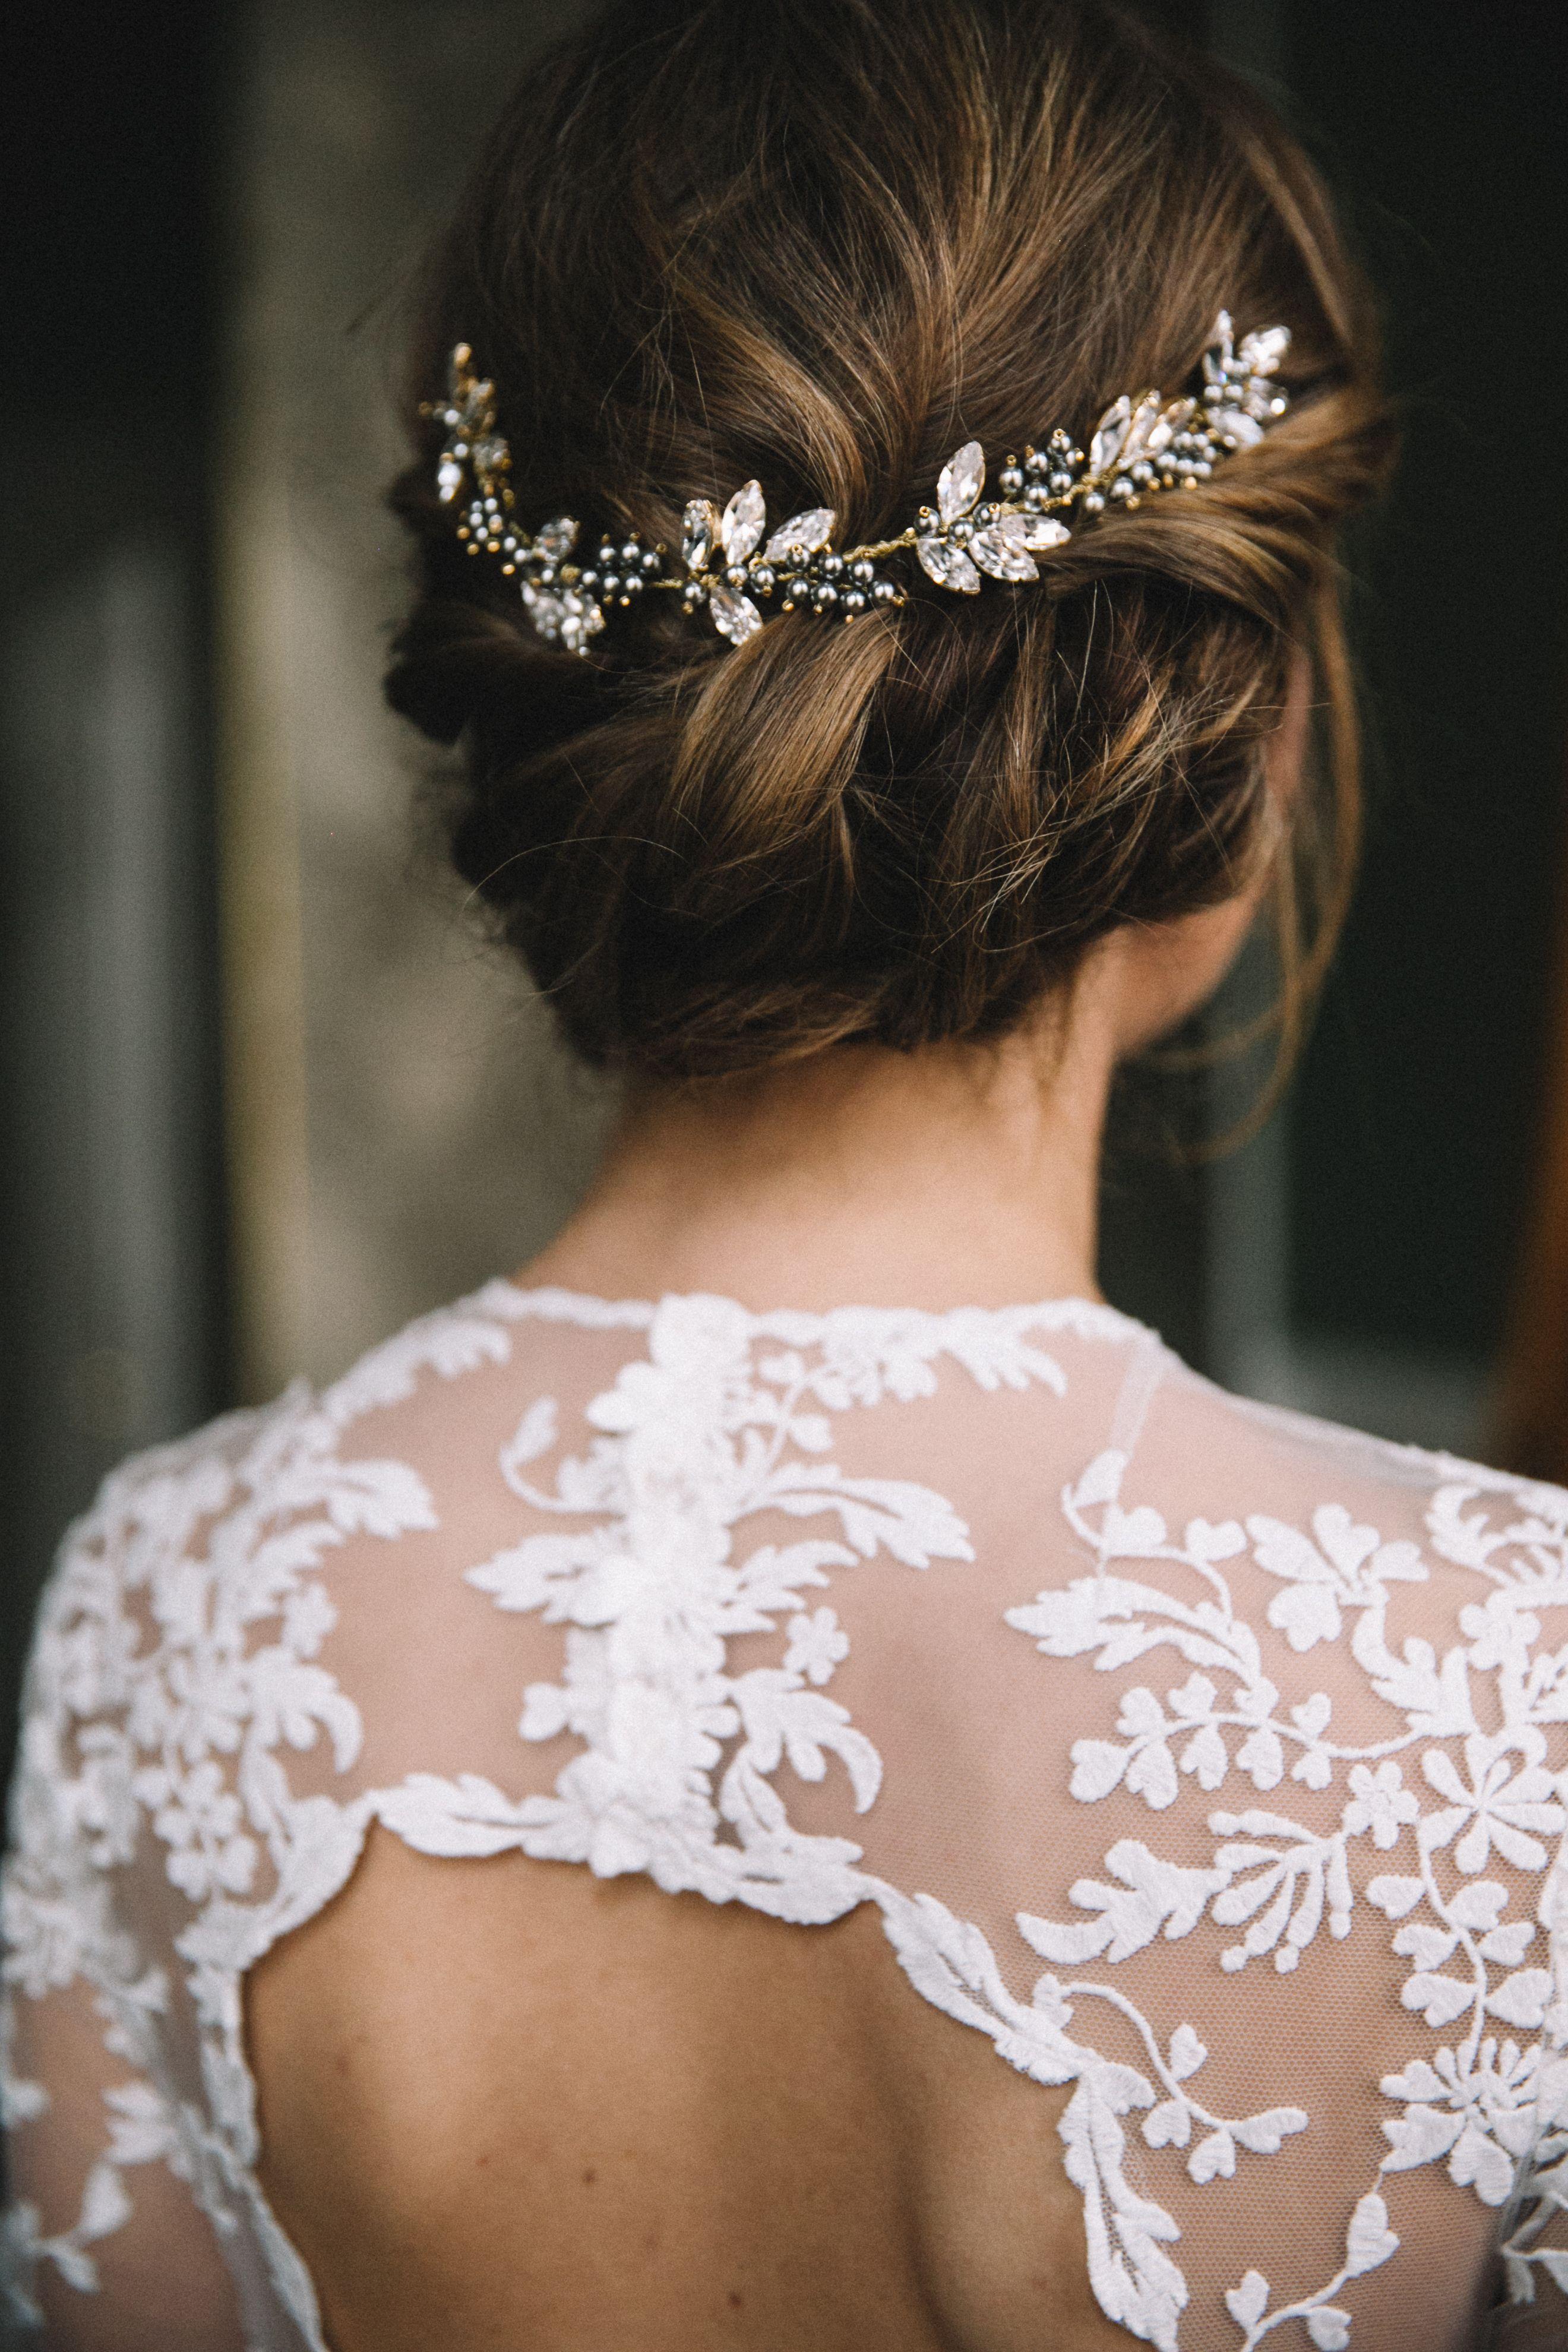 #brautfrisur #weddinghair #urbanbride #hochzeitberlin #hochzeit